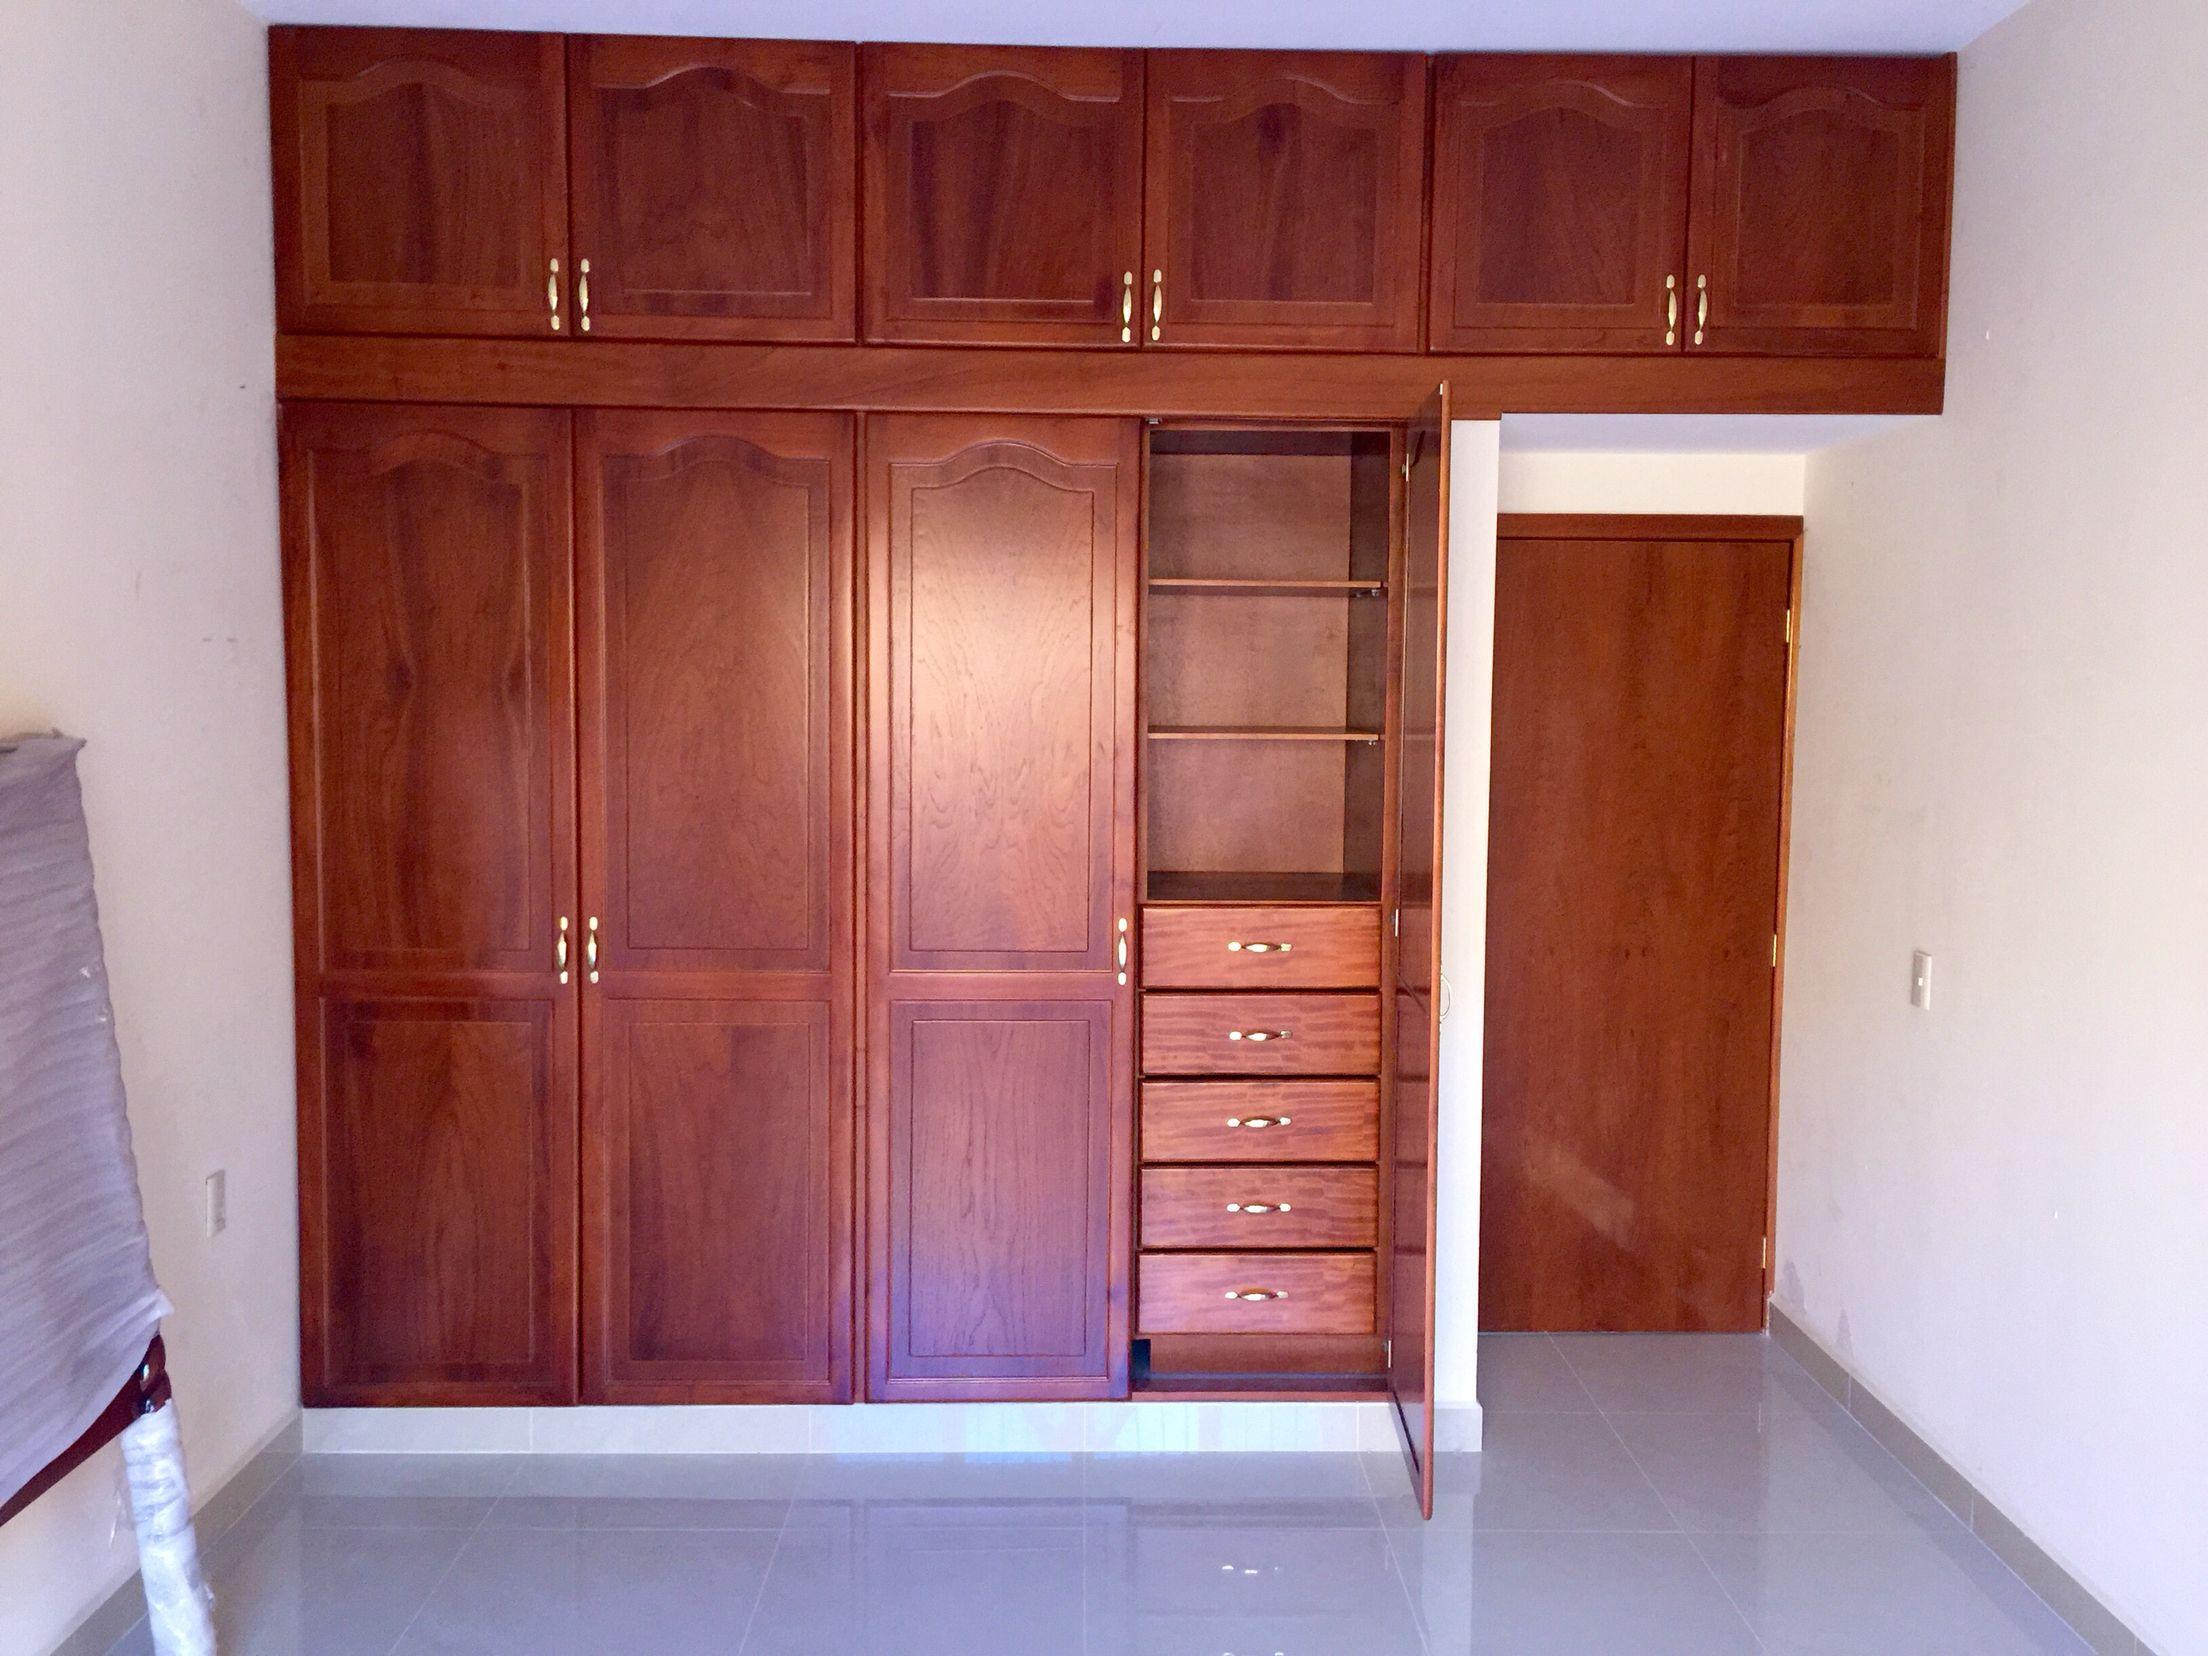 Cl set de cedro con puertas estilo catedral puertas for Modelos de puertas para closet